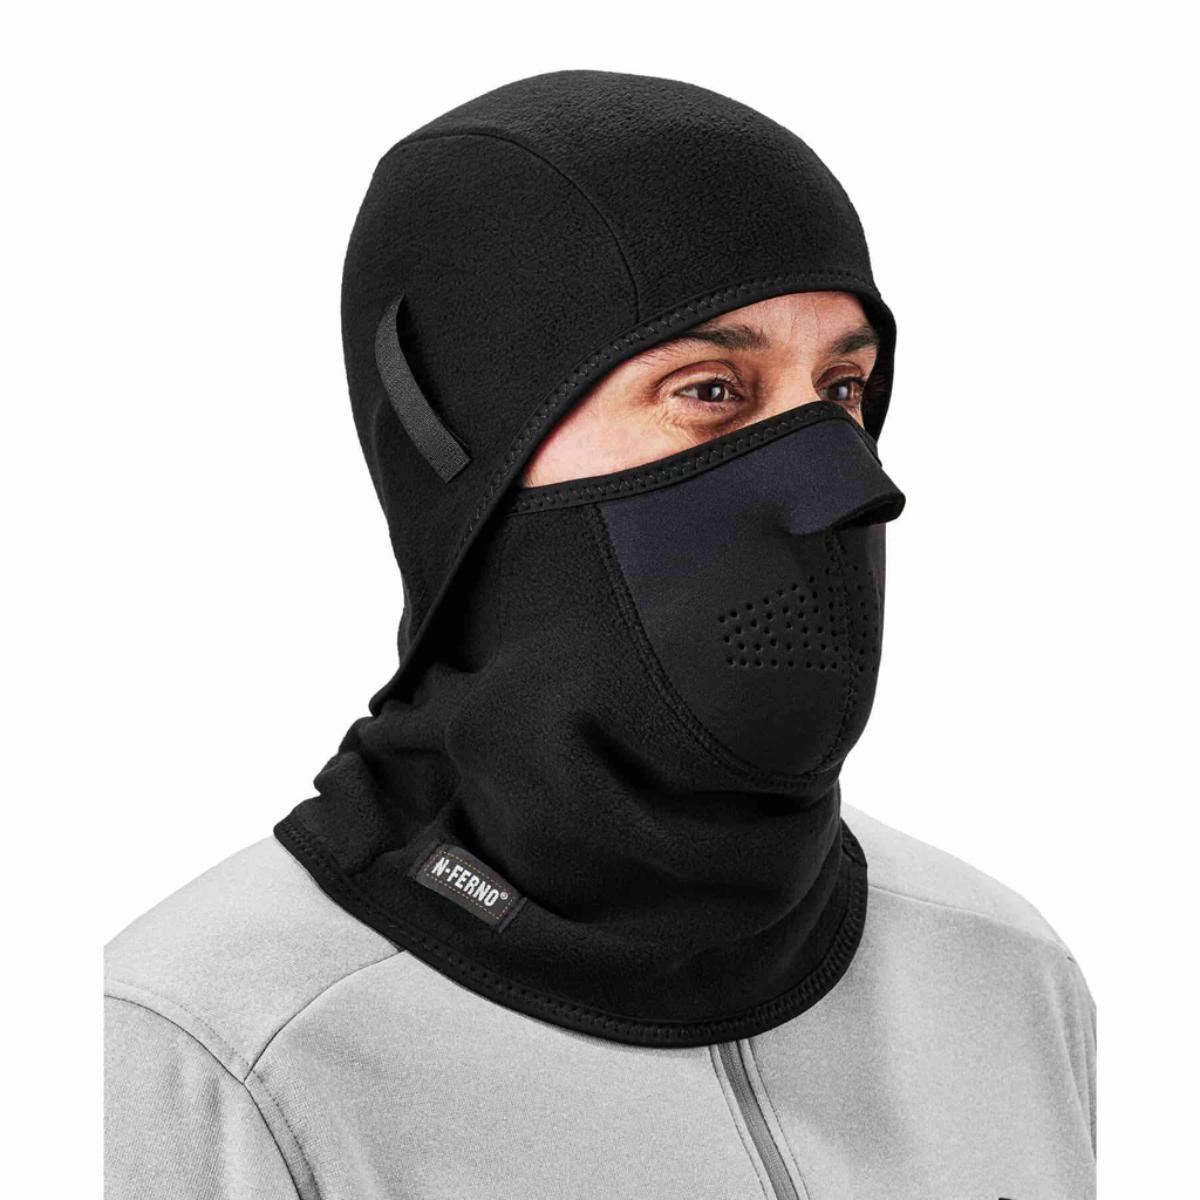 6827  Black 2-pc Fleece/Neoprene Balaclava